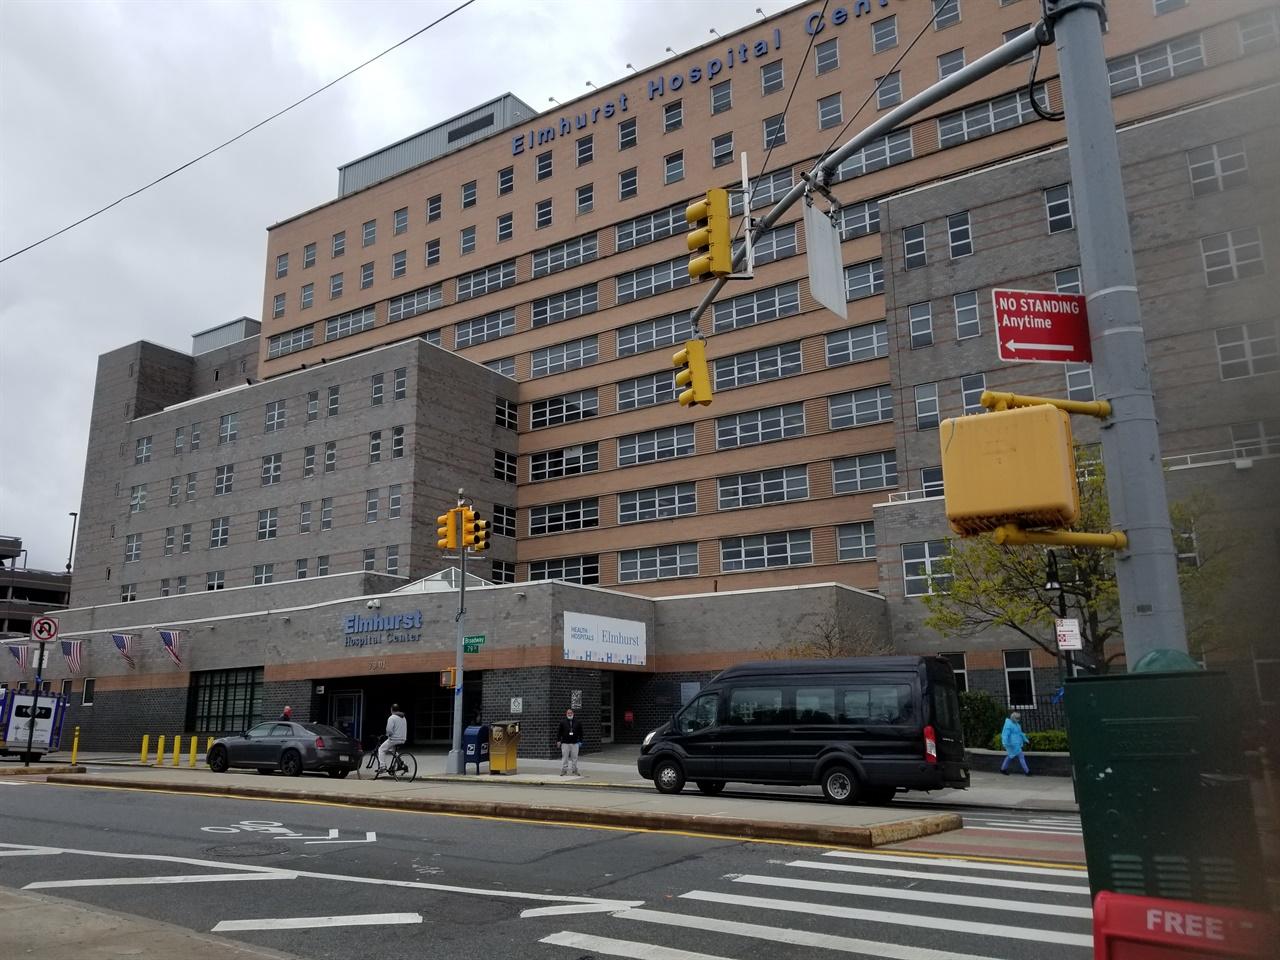 퀸즈 엘머스트 병원 전경 뉴욕시 퀸즈에 있는 이 병원에서 코로나19 가 한창 강세였던 때는 하루에 13명이나 사망자가 발생한 적도 있다. 서민 아파트가 많은 이 지역에는 코로나19 확진자가 유난히 많다. 자가격리 기간이라 길거리에는 차량이나 사람들이 별로 없다.